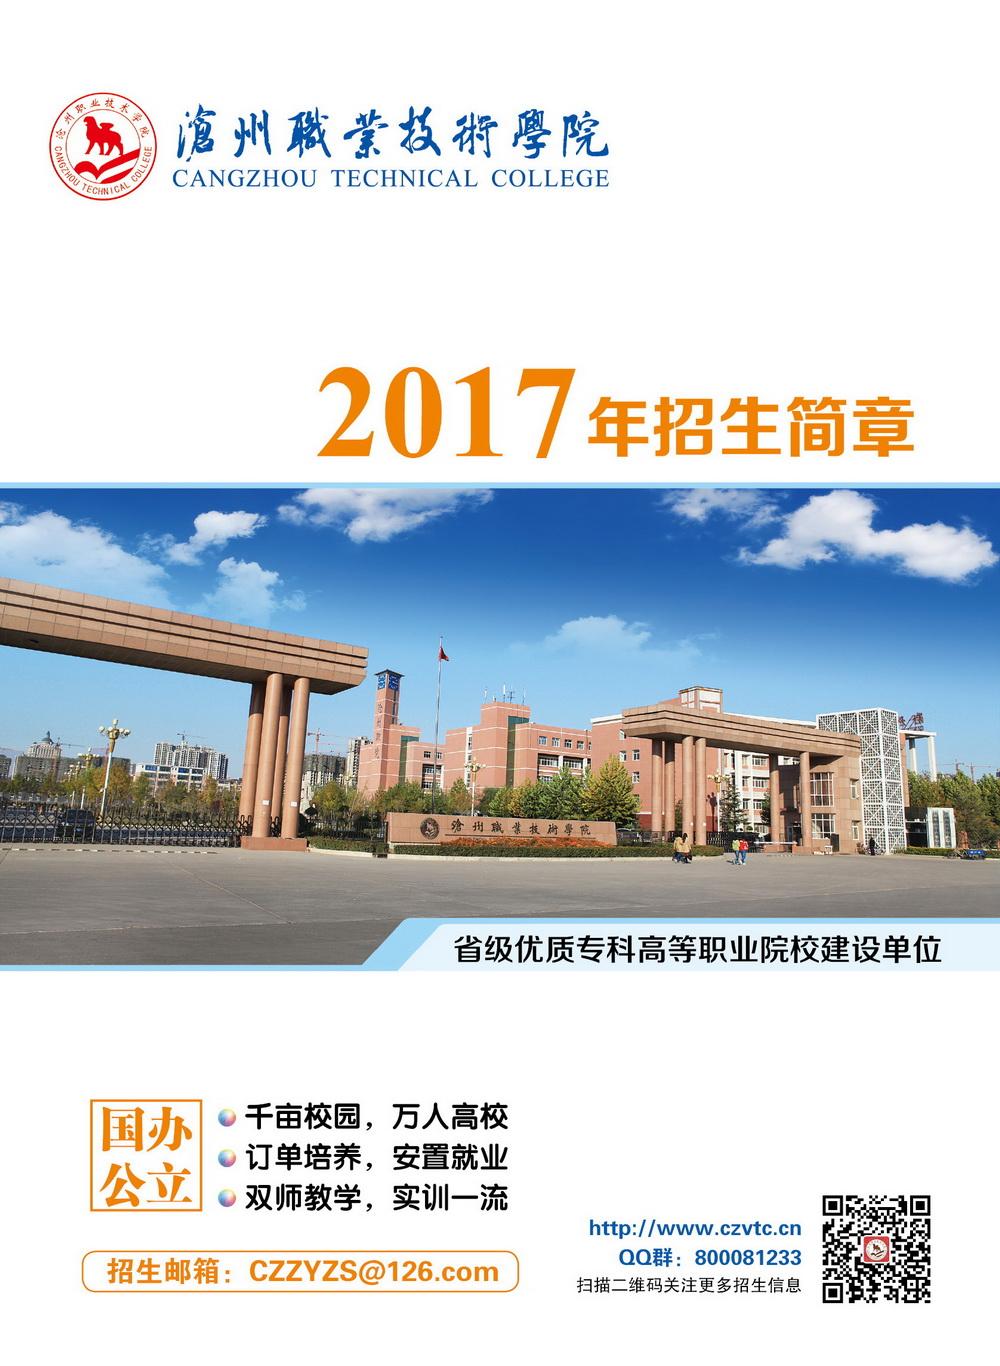 沧州职业技术学院2017年招生简章